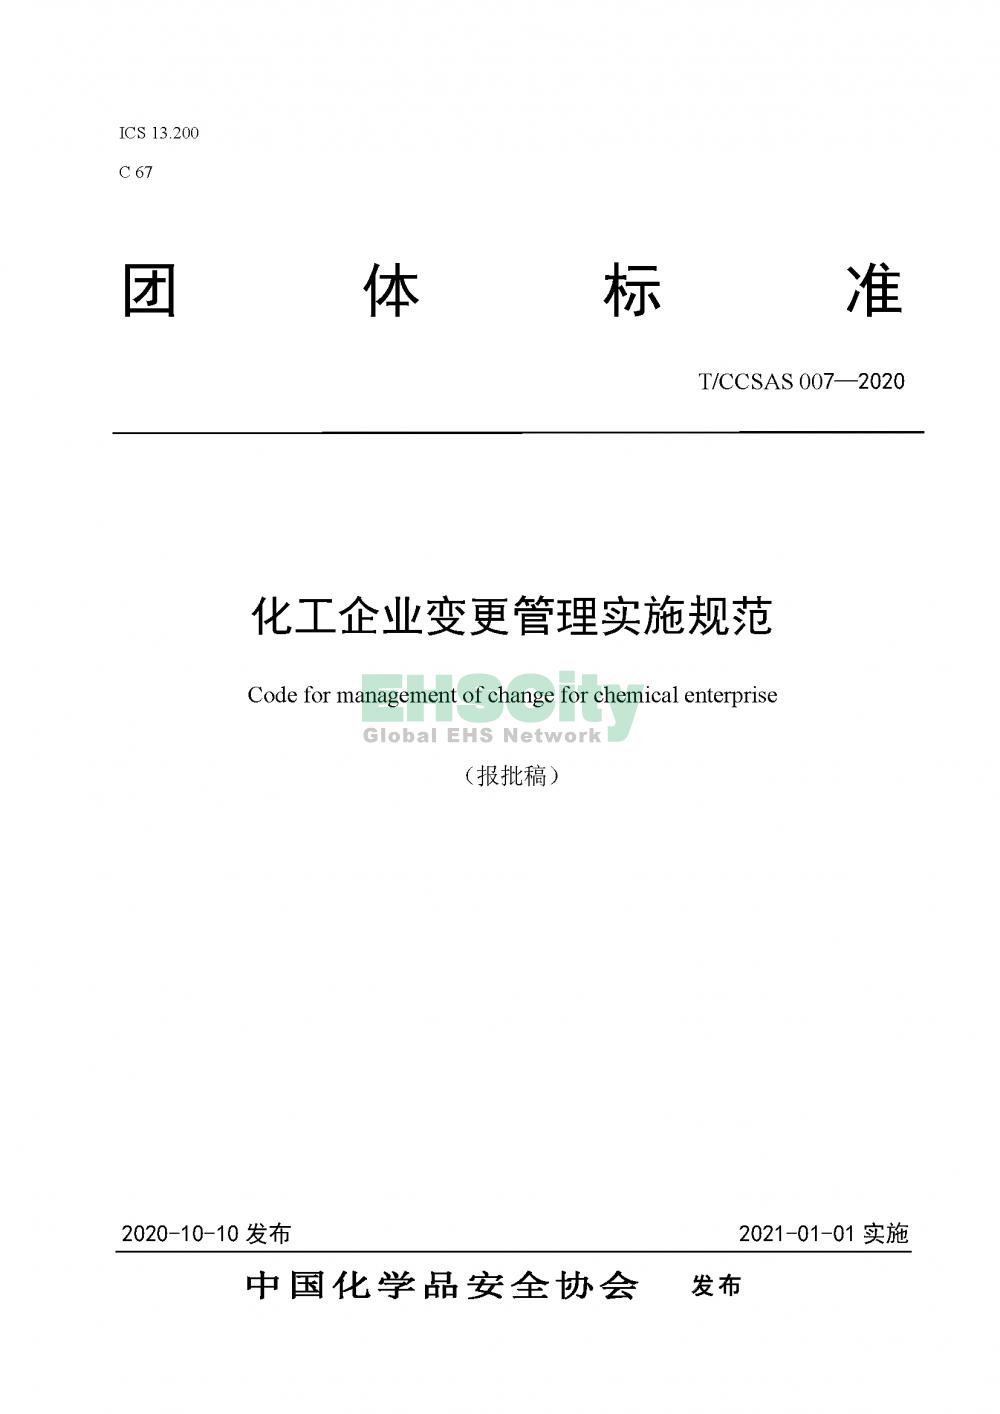 《化工企业变更管理实施规范》_页面_01